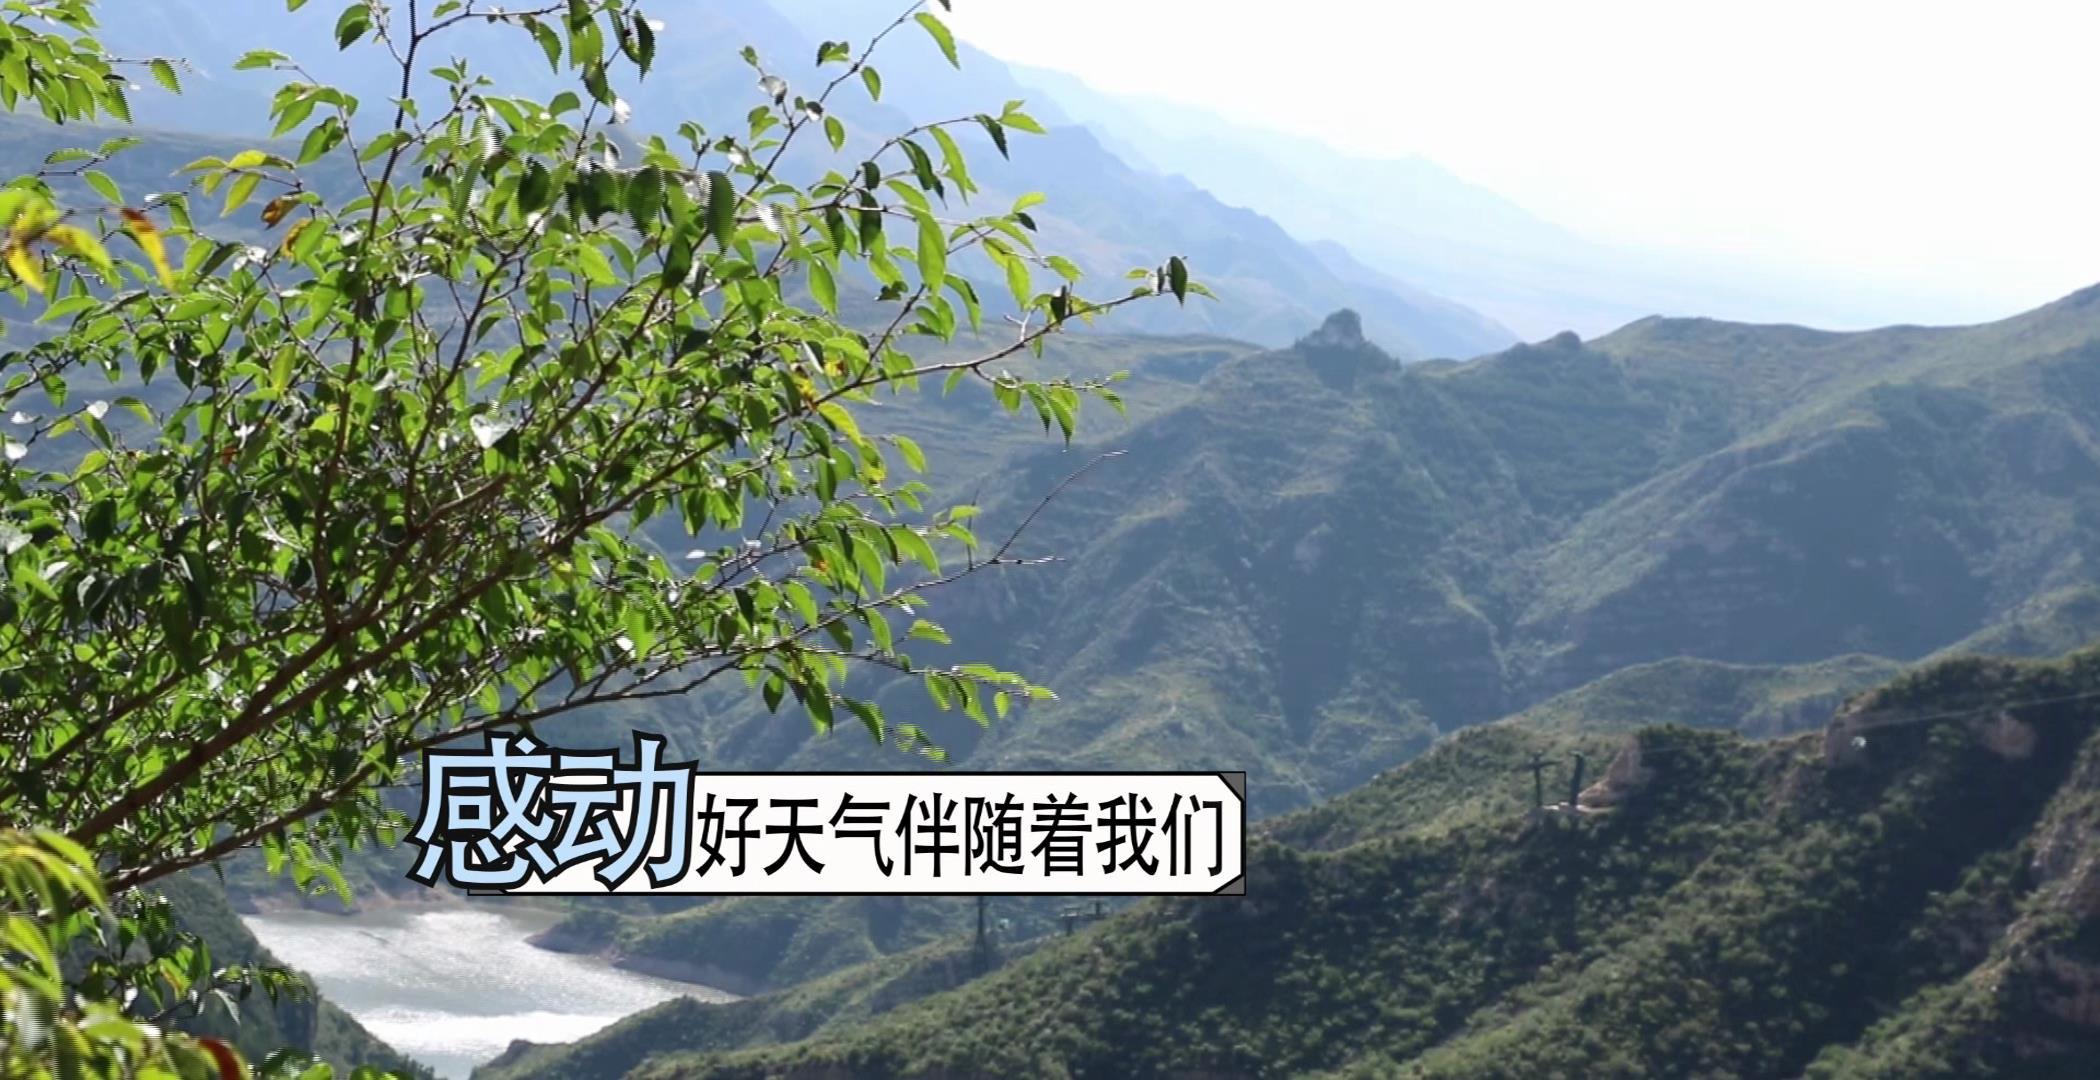 大美山西 台湾同学眼中的恒山美景图片